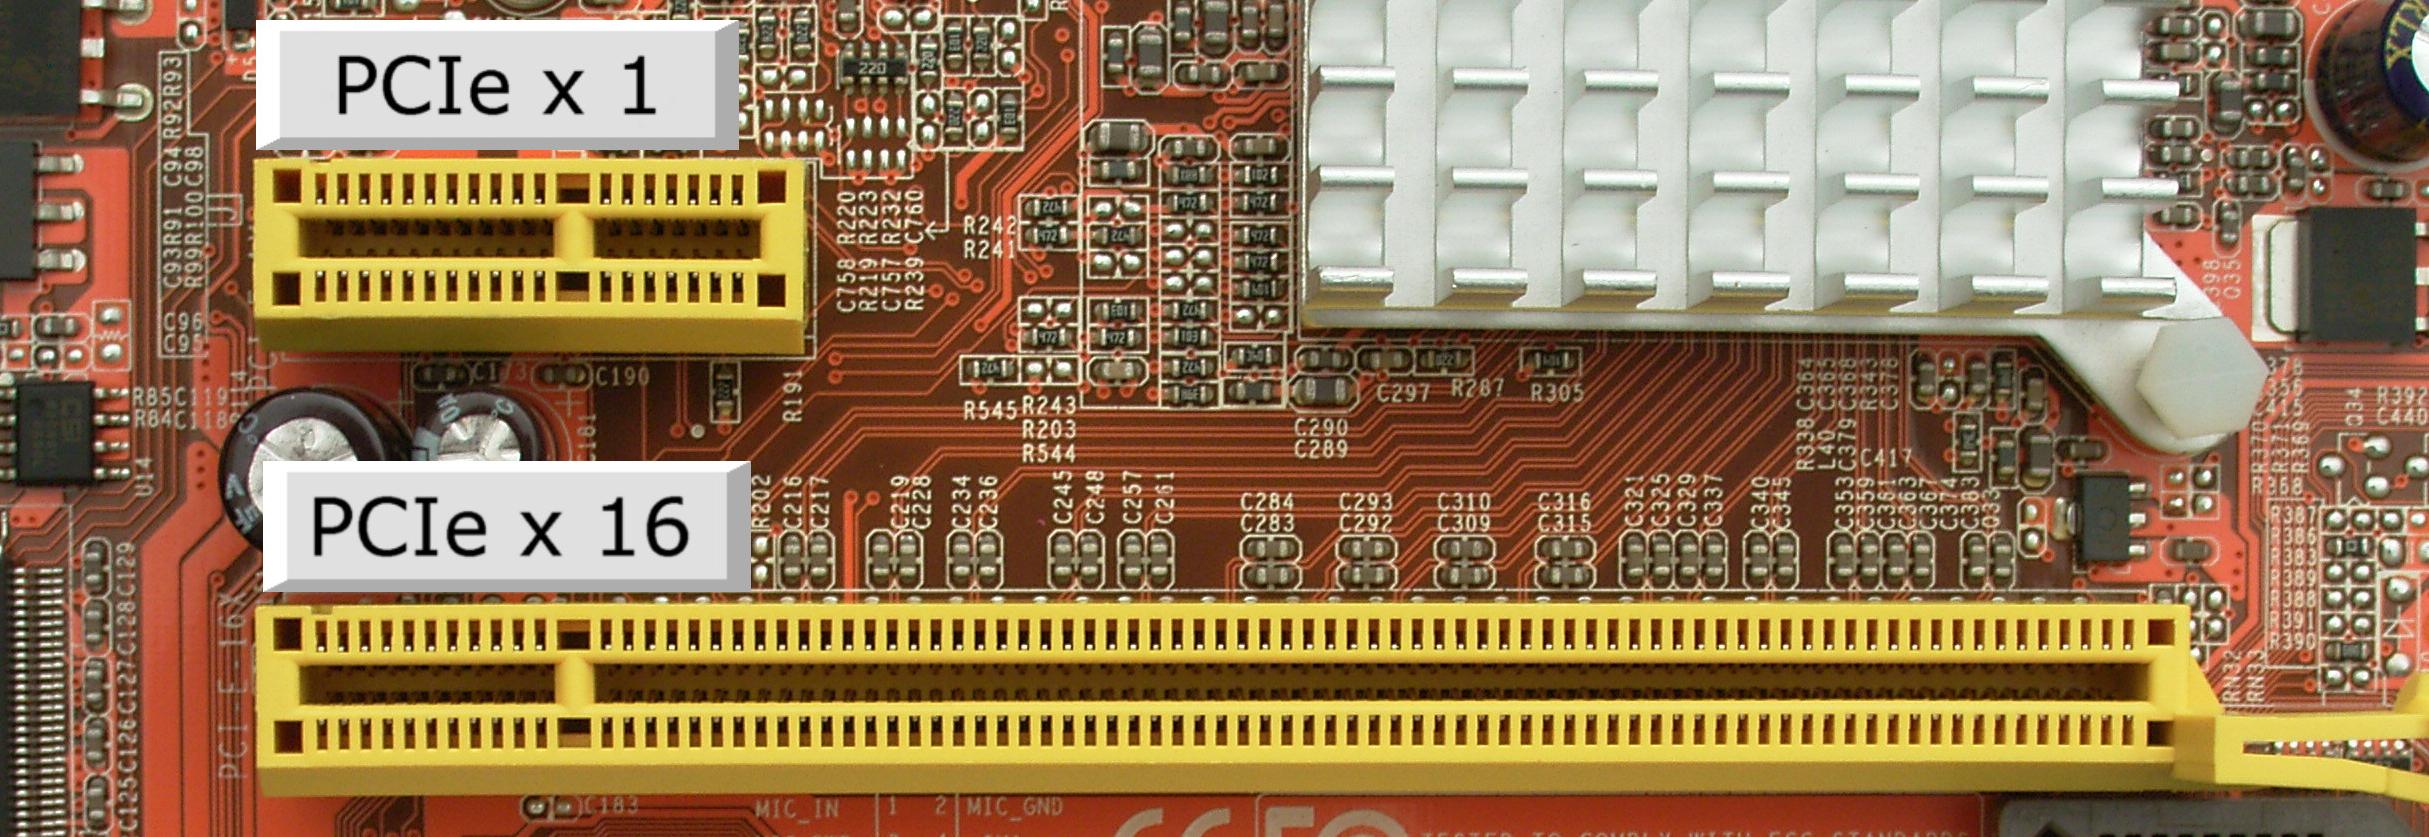 Рис.3. Слот PCI-Express